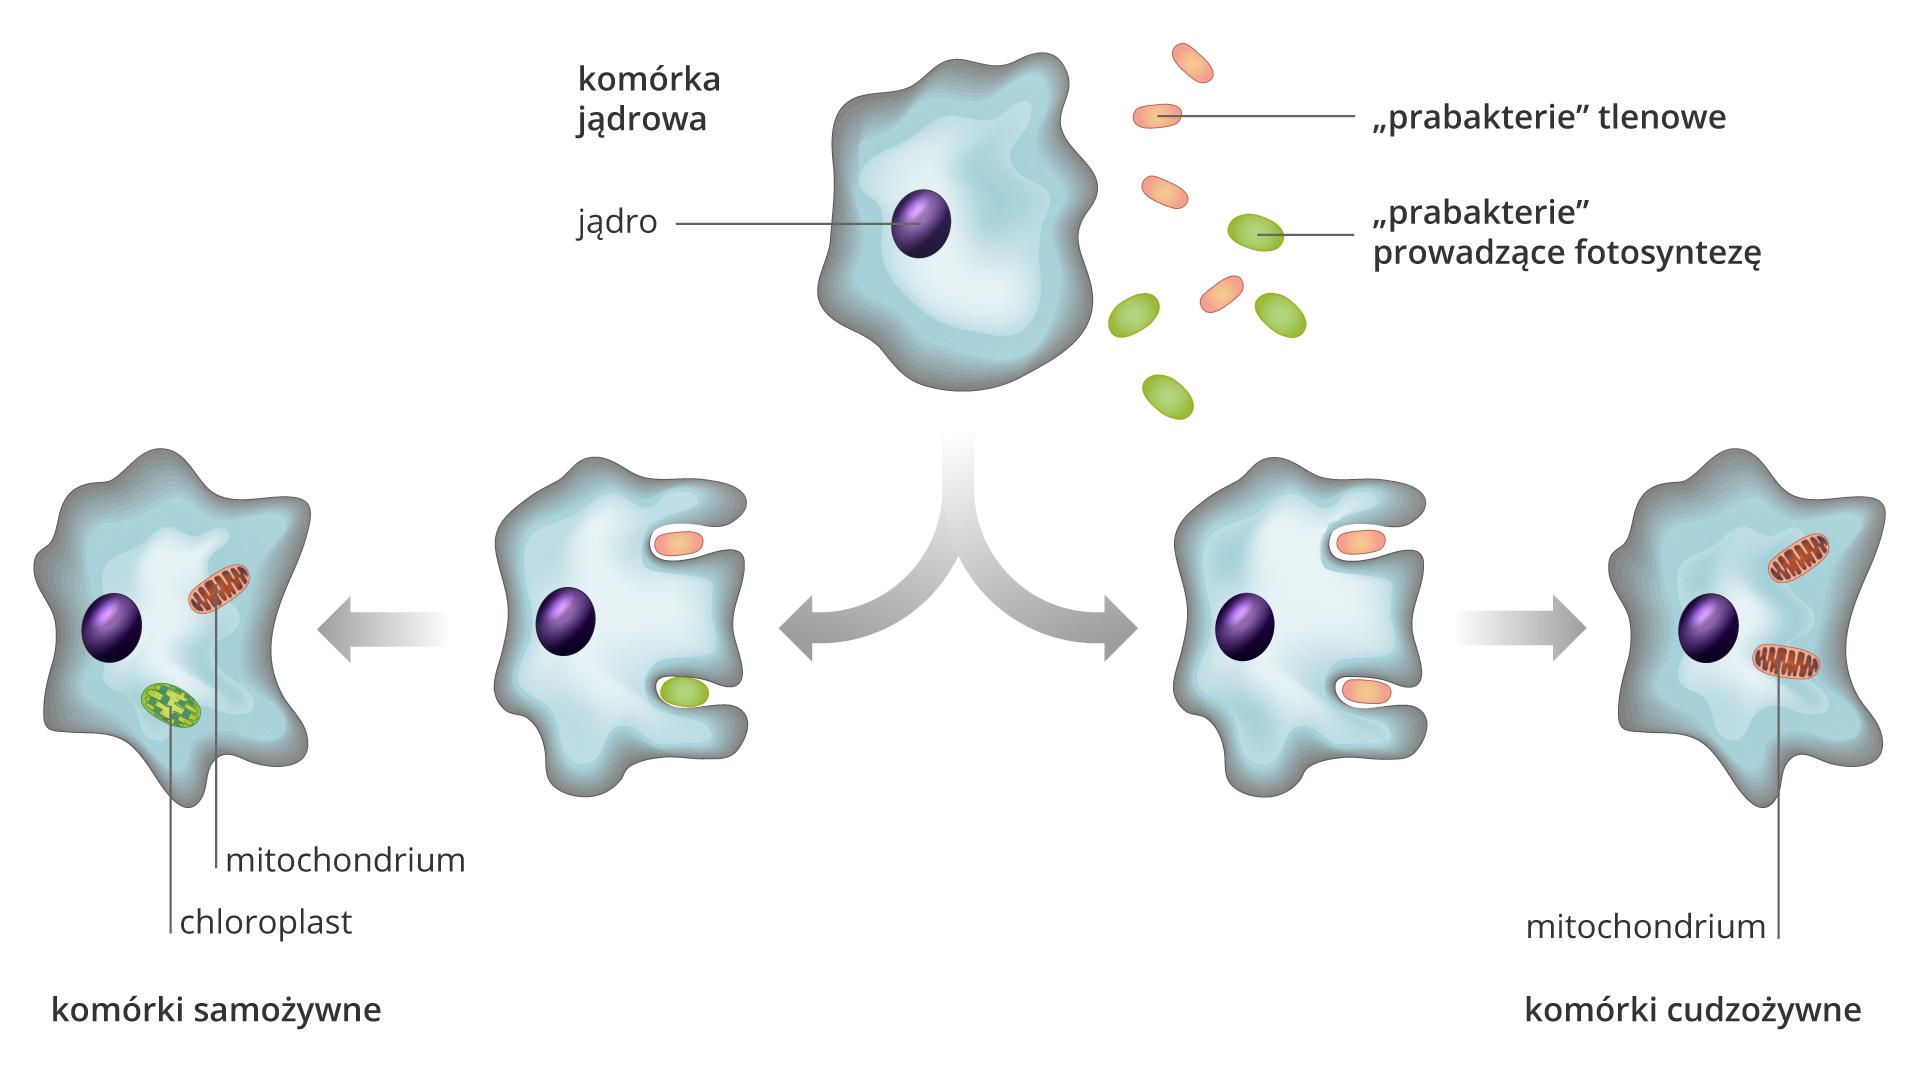 Ilustracja numer dwa przedstawia proces endosymbiozy. Proces przedstawiony jest wpięciu etapach, za pomocą pięciu komórek eukariotycznych. Komórka eukariotyczna to owalna struktura opofalowanym brzegu. Wcentralnym punkcie komórki znajduje się jedno małe, owalne jądro. Pierwszy etap ilustruje umieszczona na górze jedna komórka eukariotyczna. Na prawo od niej znajdują się małe prabakterie: cztery czerwone, owalne, pałeczkowate – to prabakterie tlenowe. Poniżej nich cztery zielone owalne prabakterie prowadzące fotosyntezę. Od tej komórki eukariotycznej rozchodzą się wprawo ilewo półokrągłe szare strzałki. Każda znich wskazuje po dwie komórki eukariotyczne. Za strzałką skierowaną wprawo znajdują dwie komórki eukariotyczne. Pierwsza komórka bliżej strzałki zdwoma prabakteriami zagłębionymi wbłonę komórkową: na górze czerwona tlenowa prabakteria, na dole zielona samożywna prabakteria. Miejsca wnikania to zagłębienia komórki eukariotycznej. Dalej po lewej stronie ta sama komórka na następnym etapie procesu. Prabakterie znajdują się wjej wewnętrzu. Czerwona prabakteria to mitochondrium, zielona prabakteria to chloroplast. Poniżej napis: komórki samożywne. Na prawo od grota drugiej strzałki dwie komórki eukariotyczne. Pierwsza zdwoma zagłębieniami, wktórych są dwie czerwone prabakterie tlenowe. Następny etap to ta sama komórka na kolejnym etapie procesu. Wjej wnętrzu są dwie tlenowe prabakterie. Prabakteria wewnątrz komórki nazwana jest mitochondrium. Poniżej napis: komórki cudzożywne.